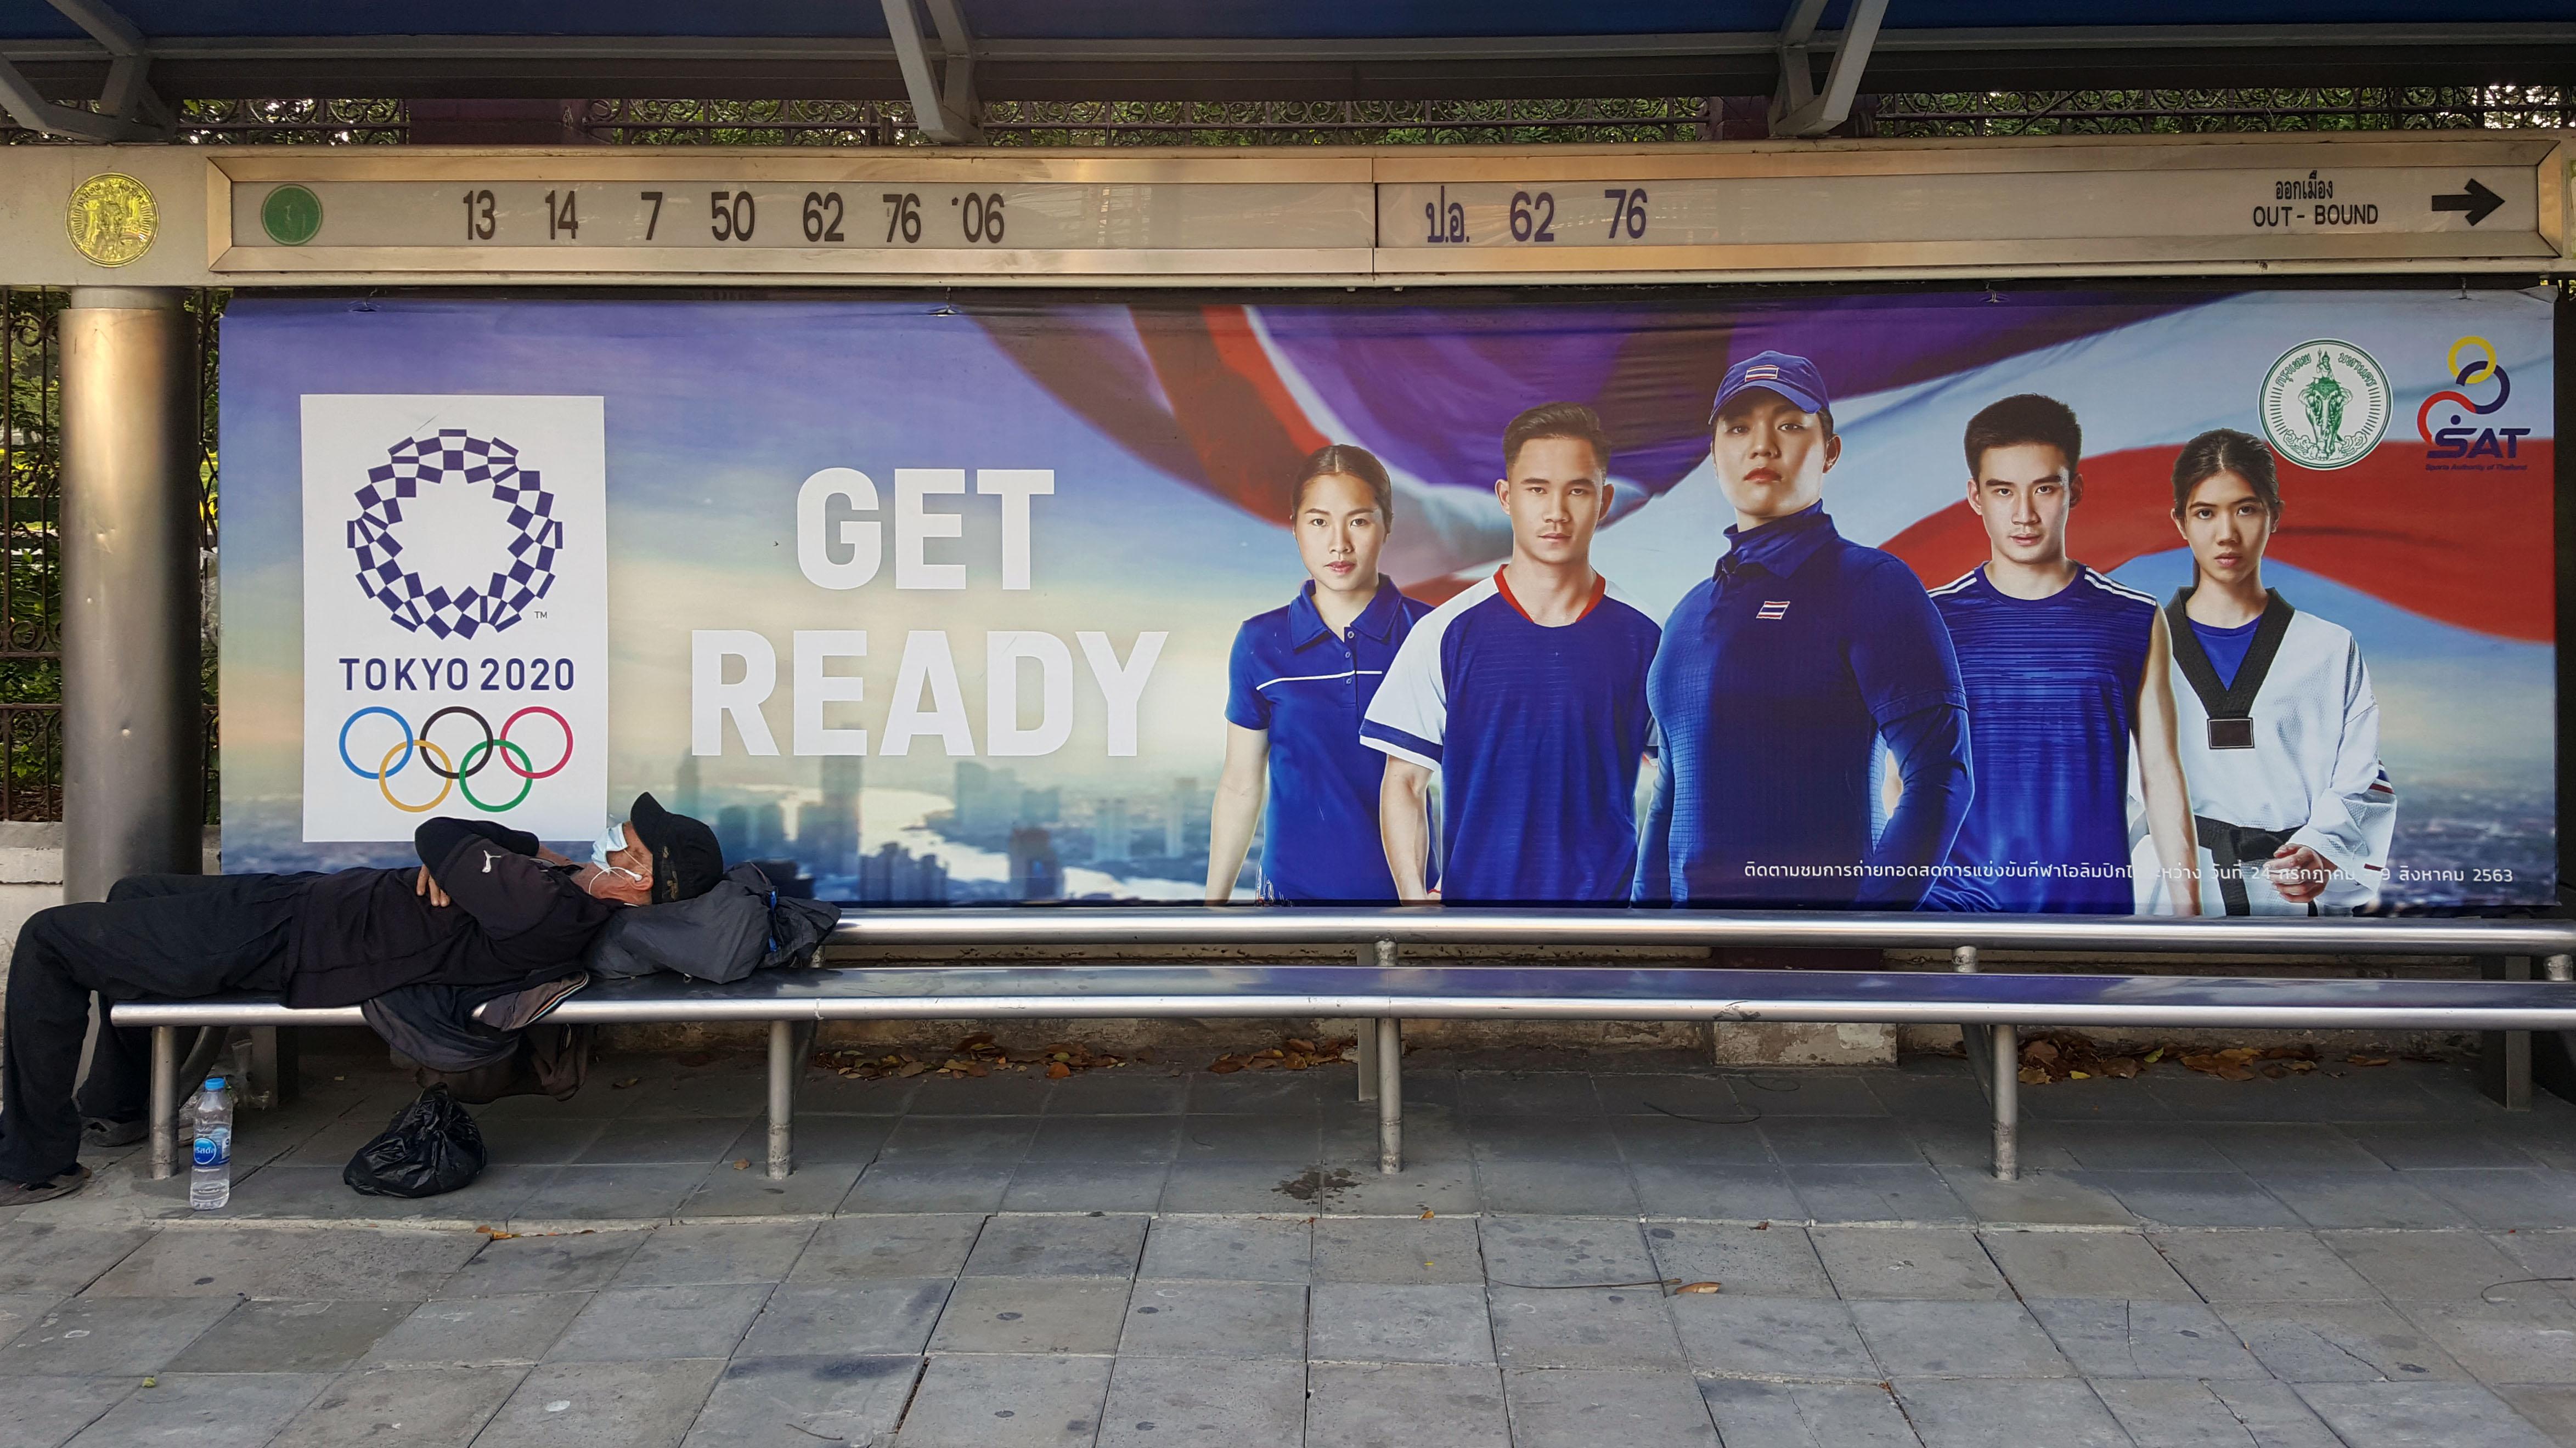 Get ready Tokyo 2020